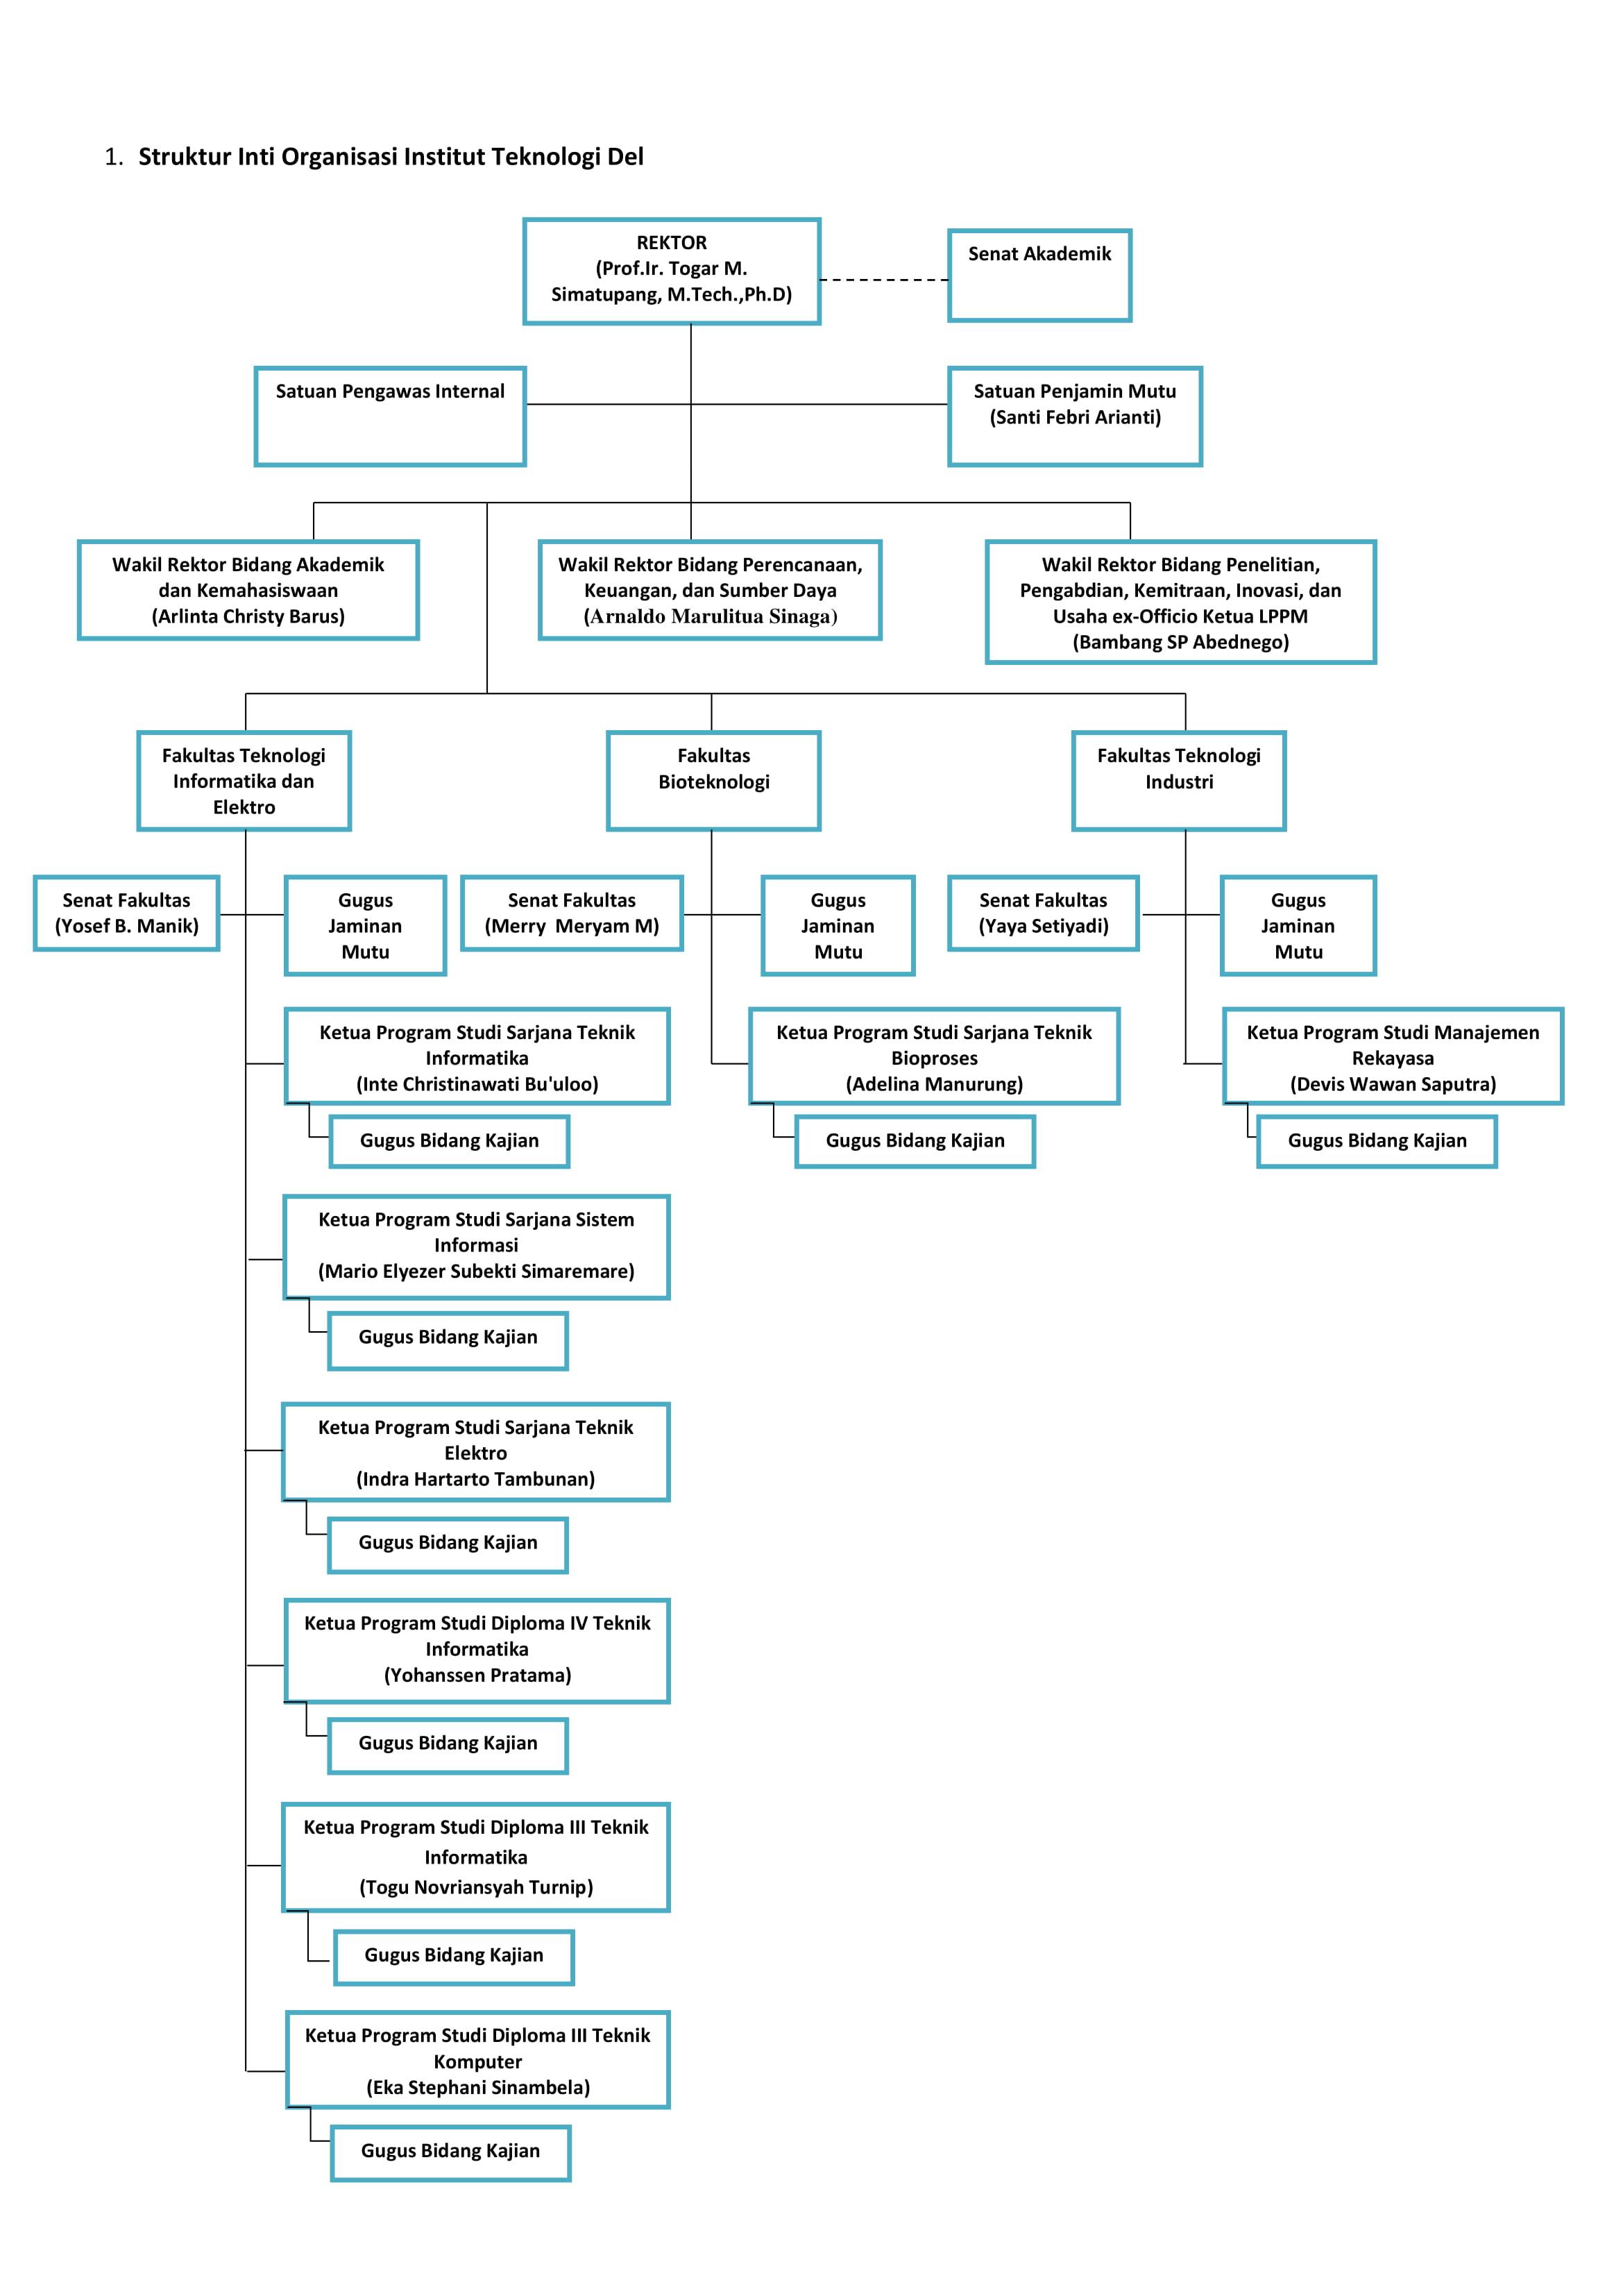 Struktur Inti Organisasi Institut Teknologi Del 1 (1)-1